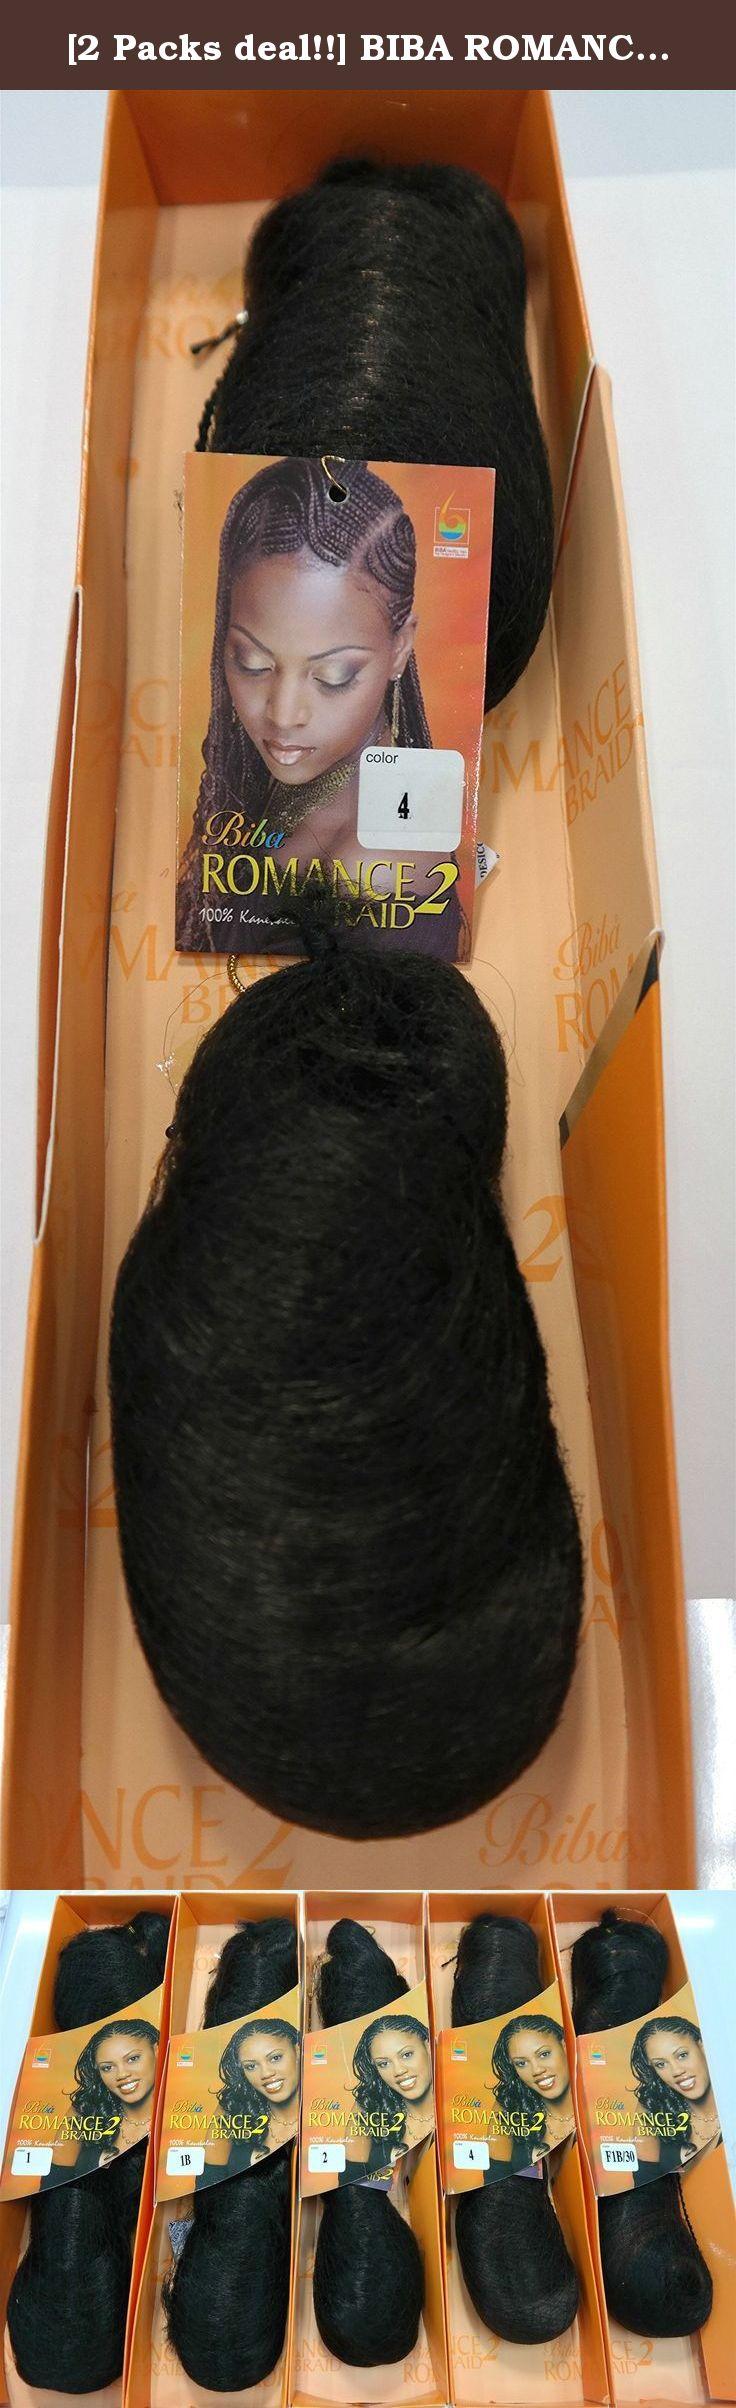 2 Packs Deal Biba Romance 2 Braid 4 100 Kanekalon Hair